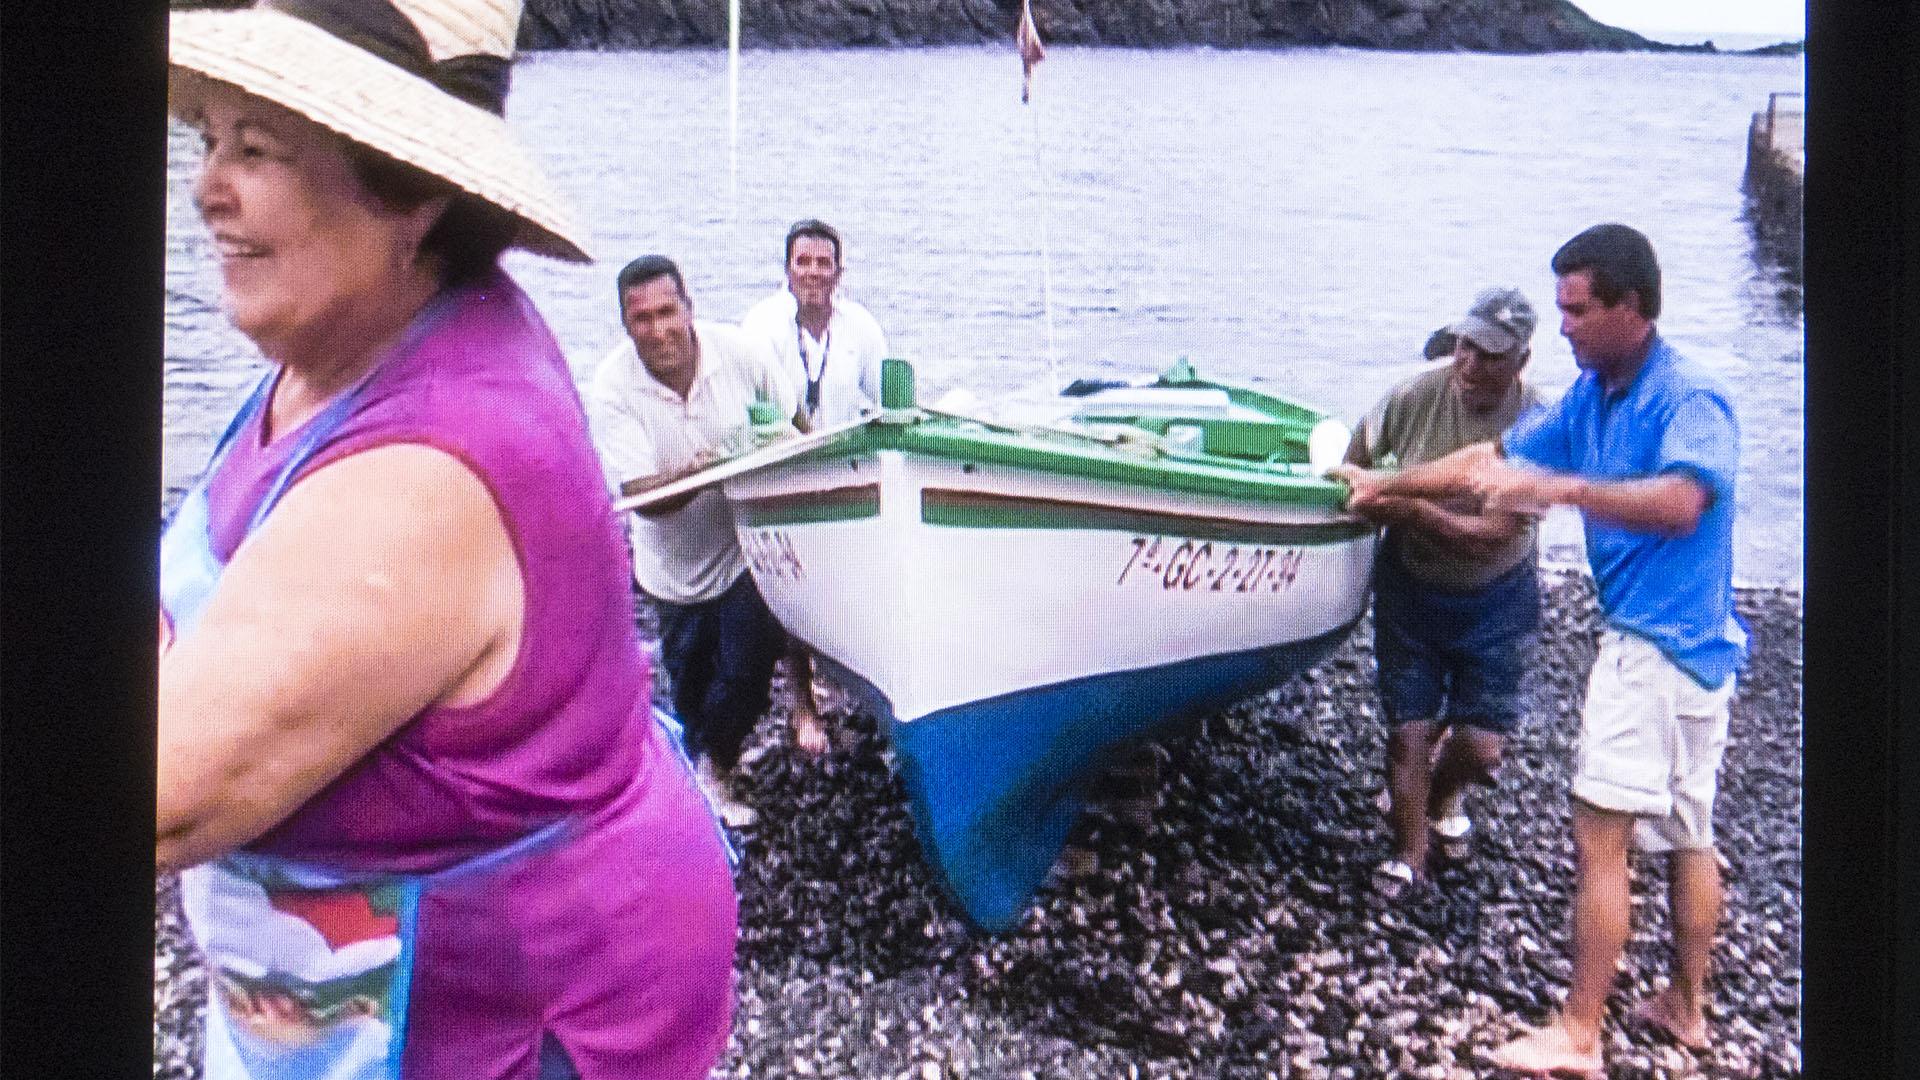 Sehenswürdigkeiten Fuerteventuras: El Cotillo – Museo de Pesca tradicional